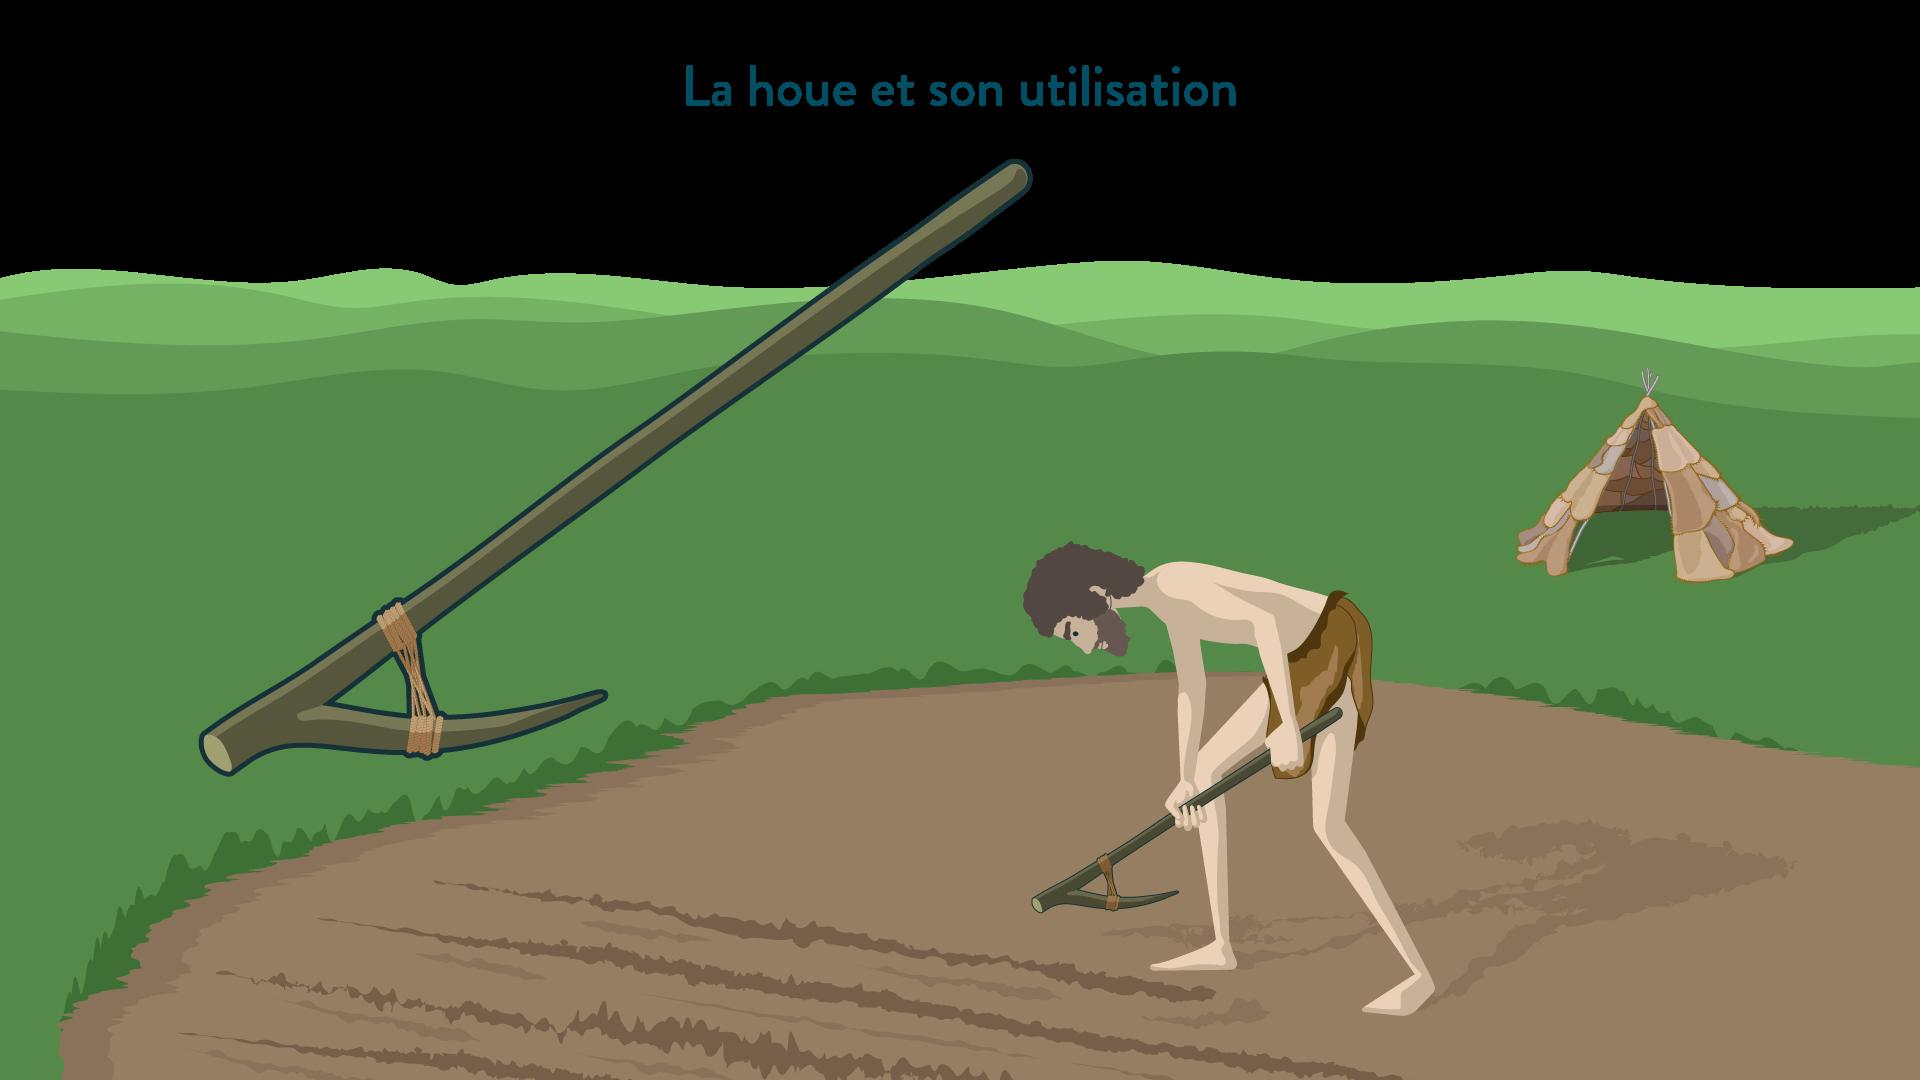 La houe et son utilisation-6e-Histoire